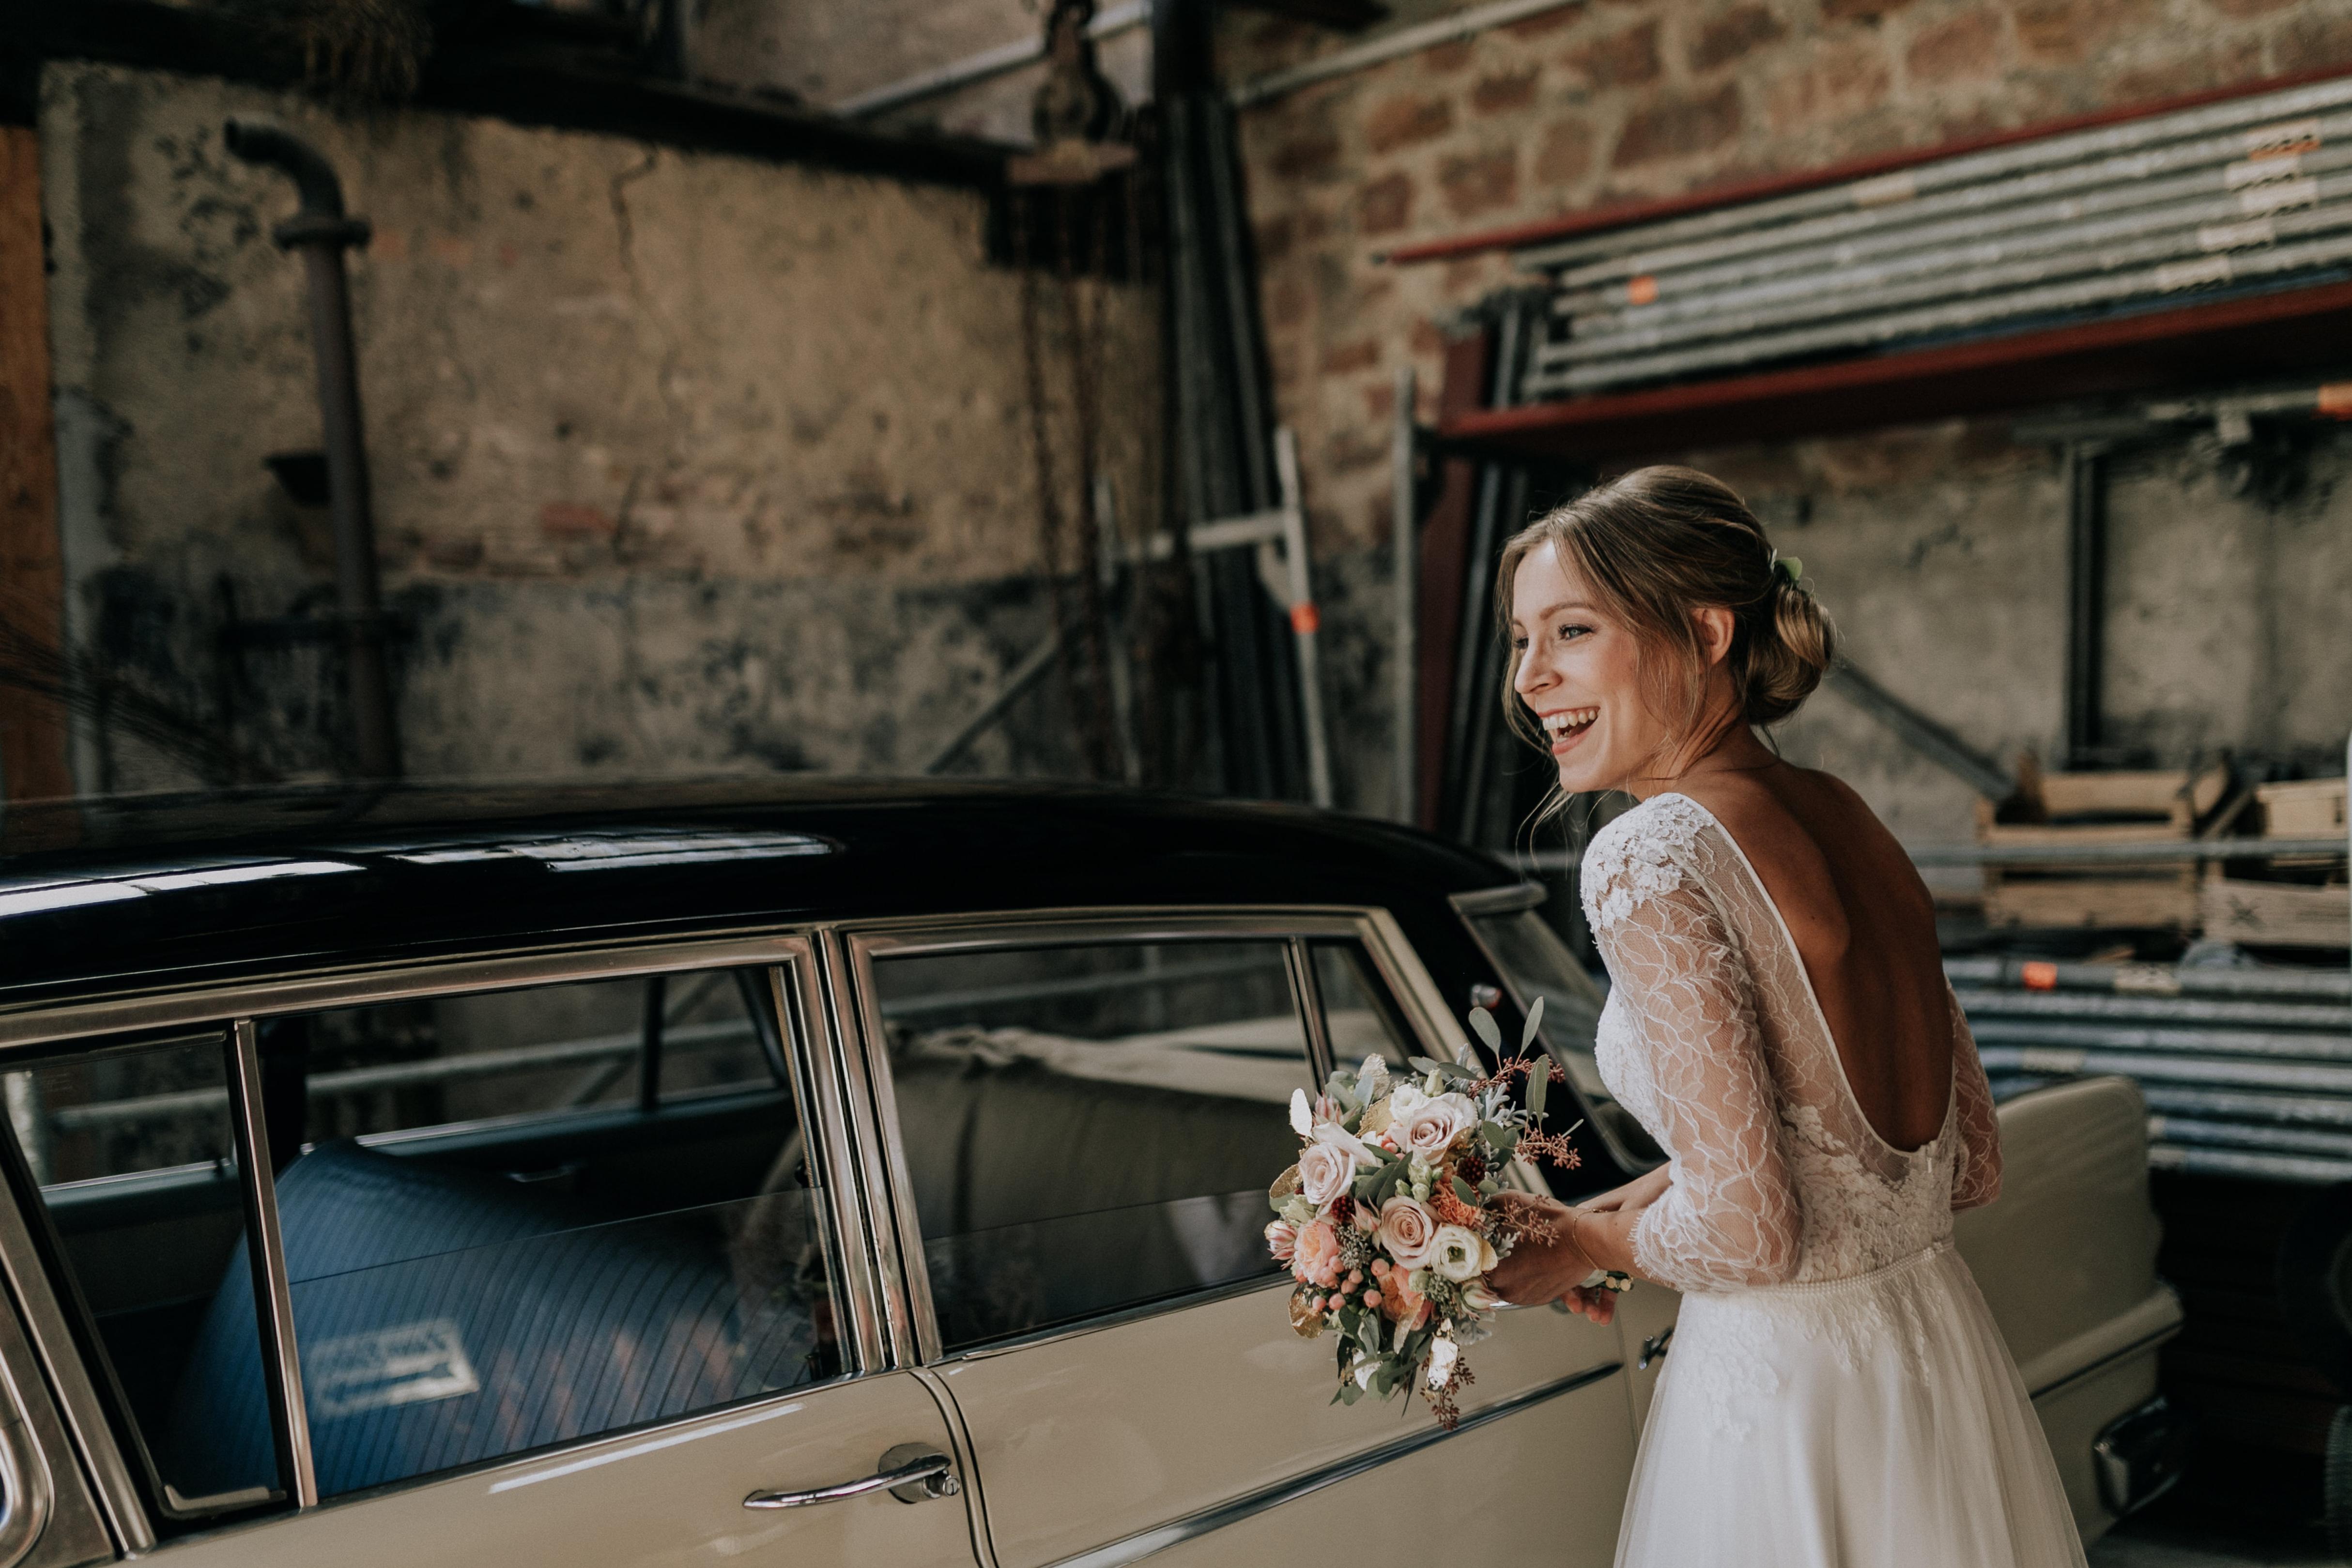 Brautkleid Anprobe Wedding Dress Fitting Wedding Gown Braut Hochzeit